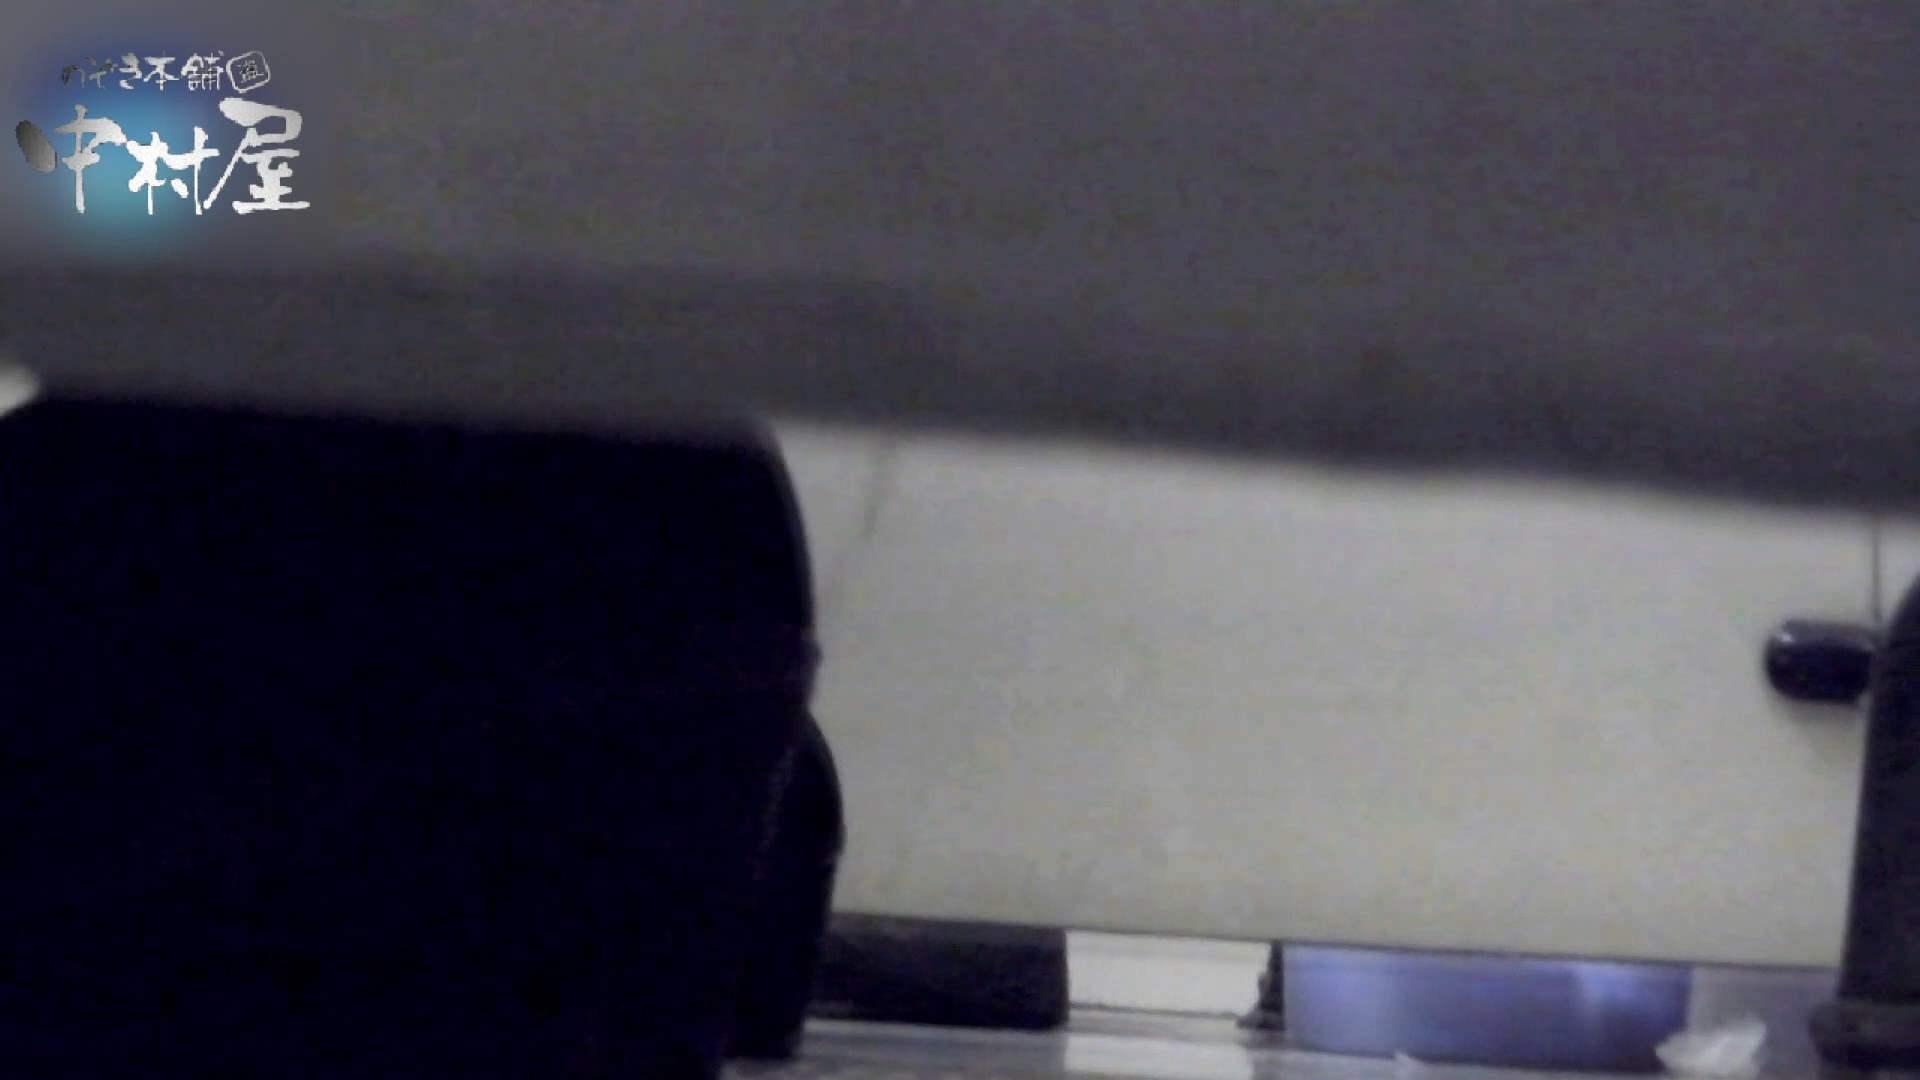 乙女集まる!ショッピングモール潜入撮vol.08 和式トイレ ワレメ無修正動画無料 87pic 71